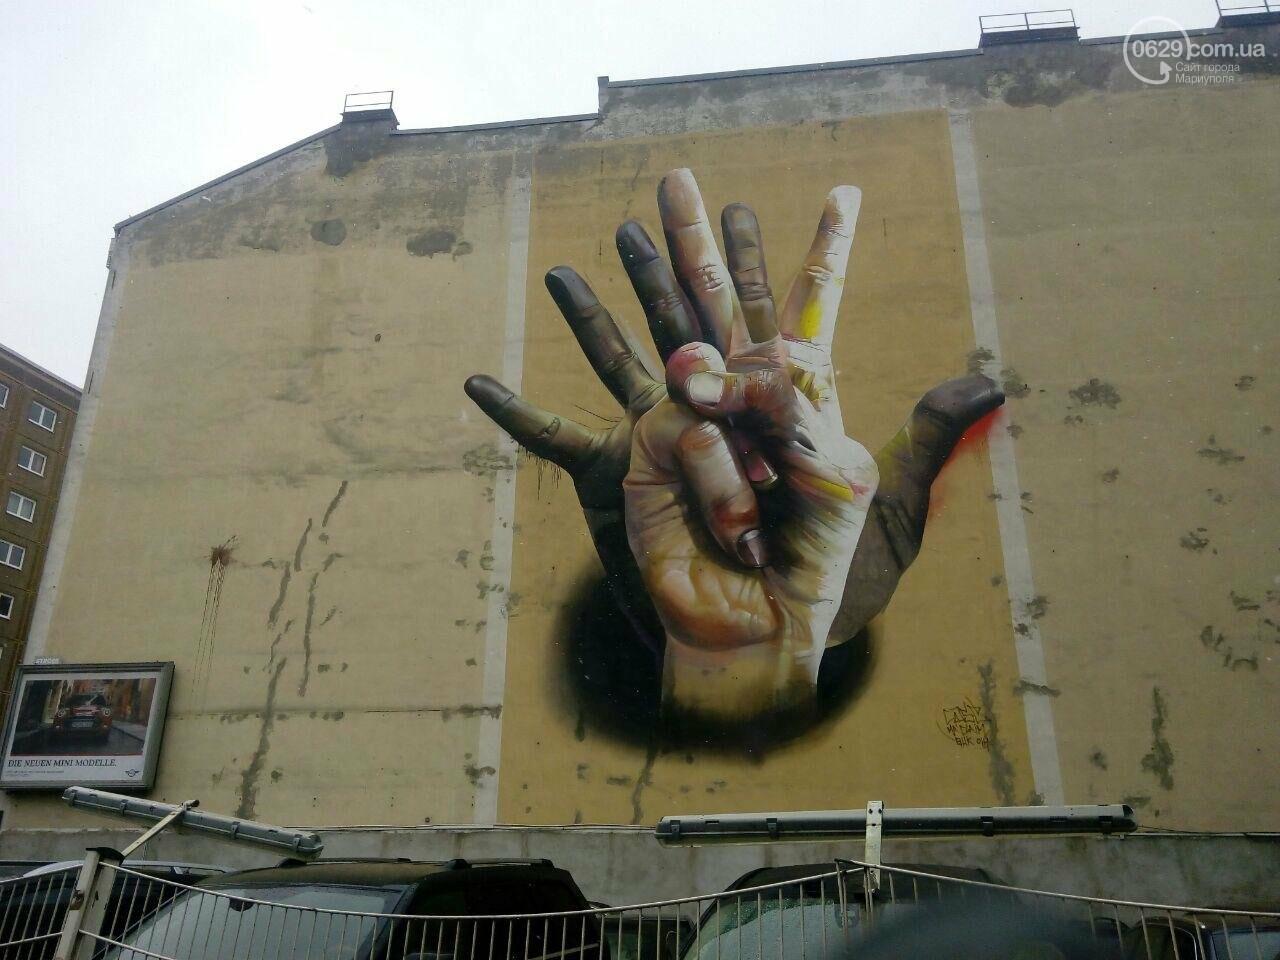 Берлинский «шабаш»: что мариупольцу посмотреть в столице Германии, и сколько это стоит, фото-25